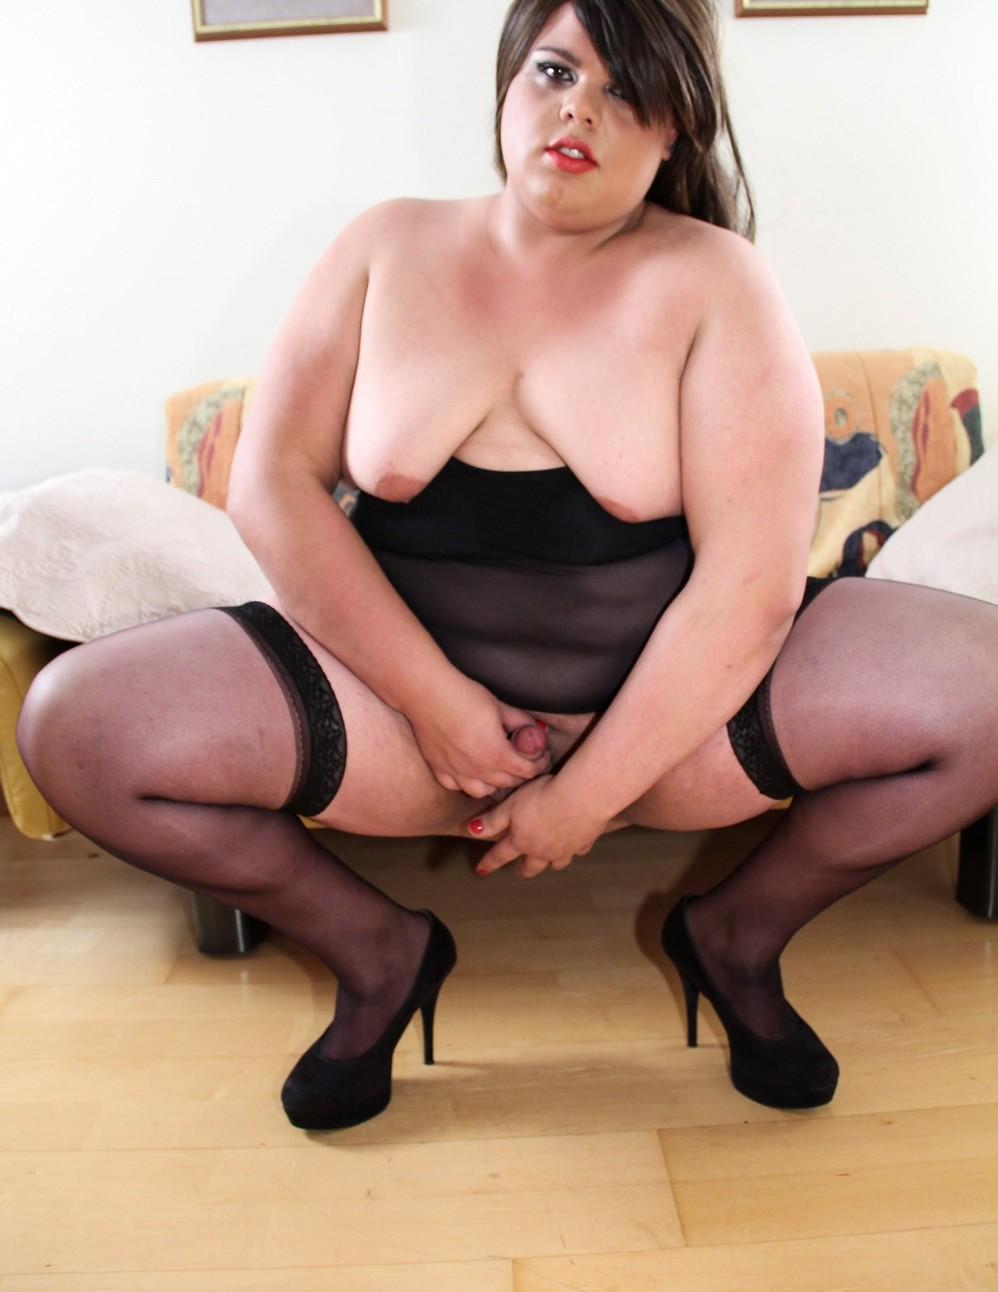 Толстые трансексуалы фото 2 фотография